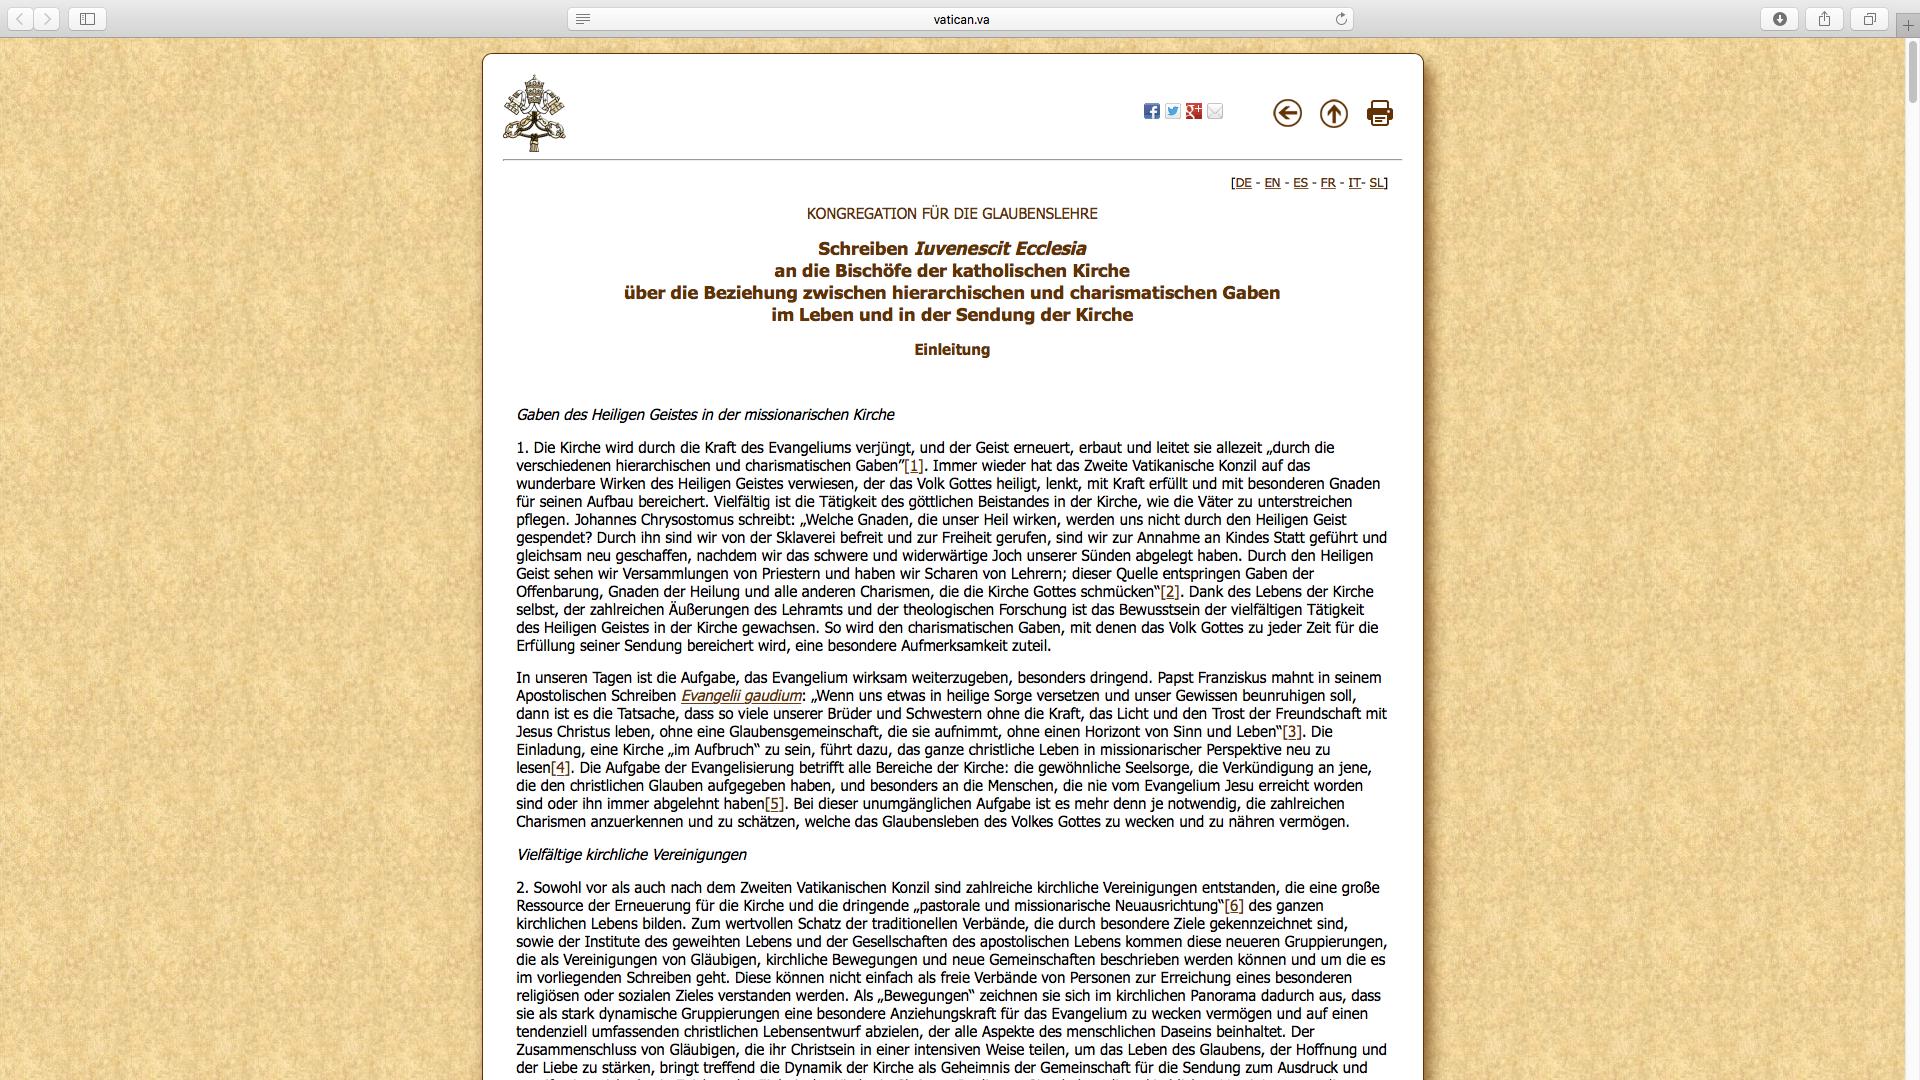 Das ganze Schreiben ist auf der Internetseiten des Vatikans veröffentlicht.